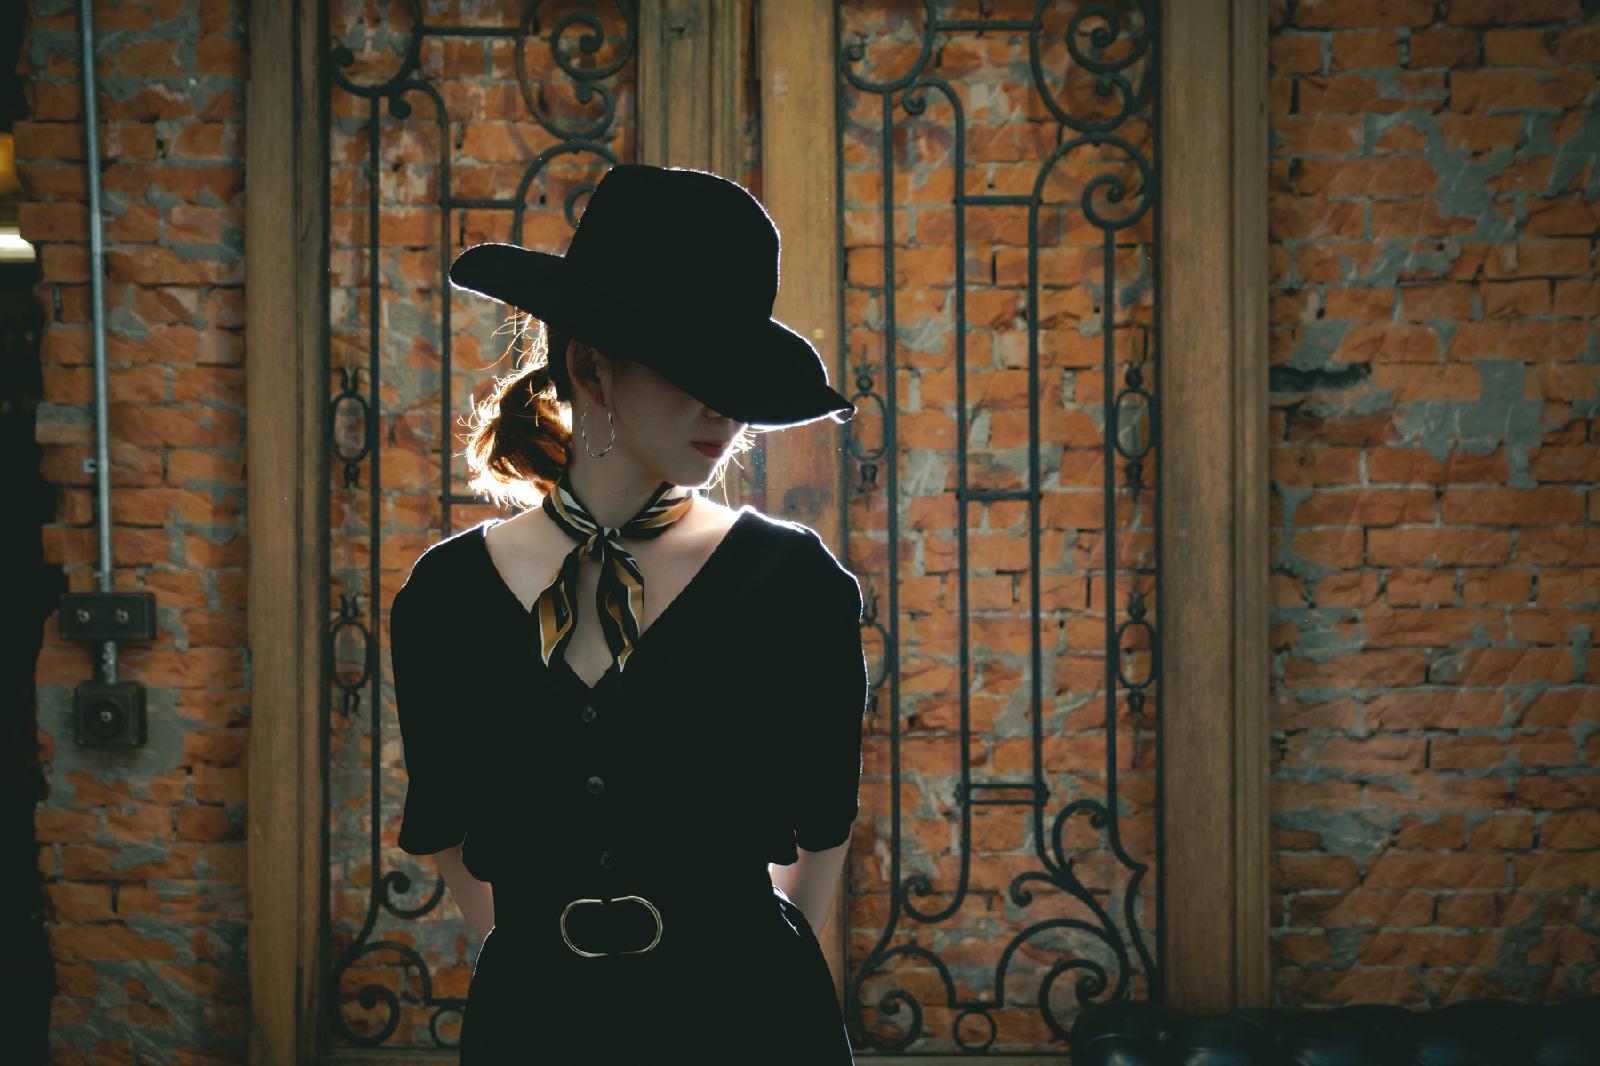 戴起帽子,獲得真正的掌聲——專訪壞特 ?te